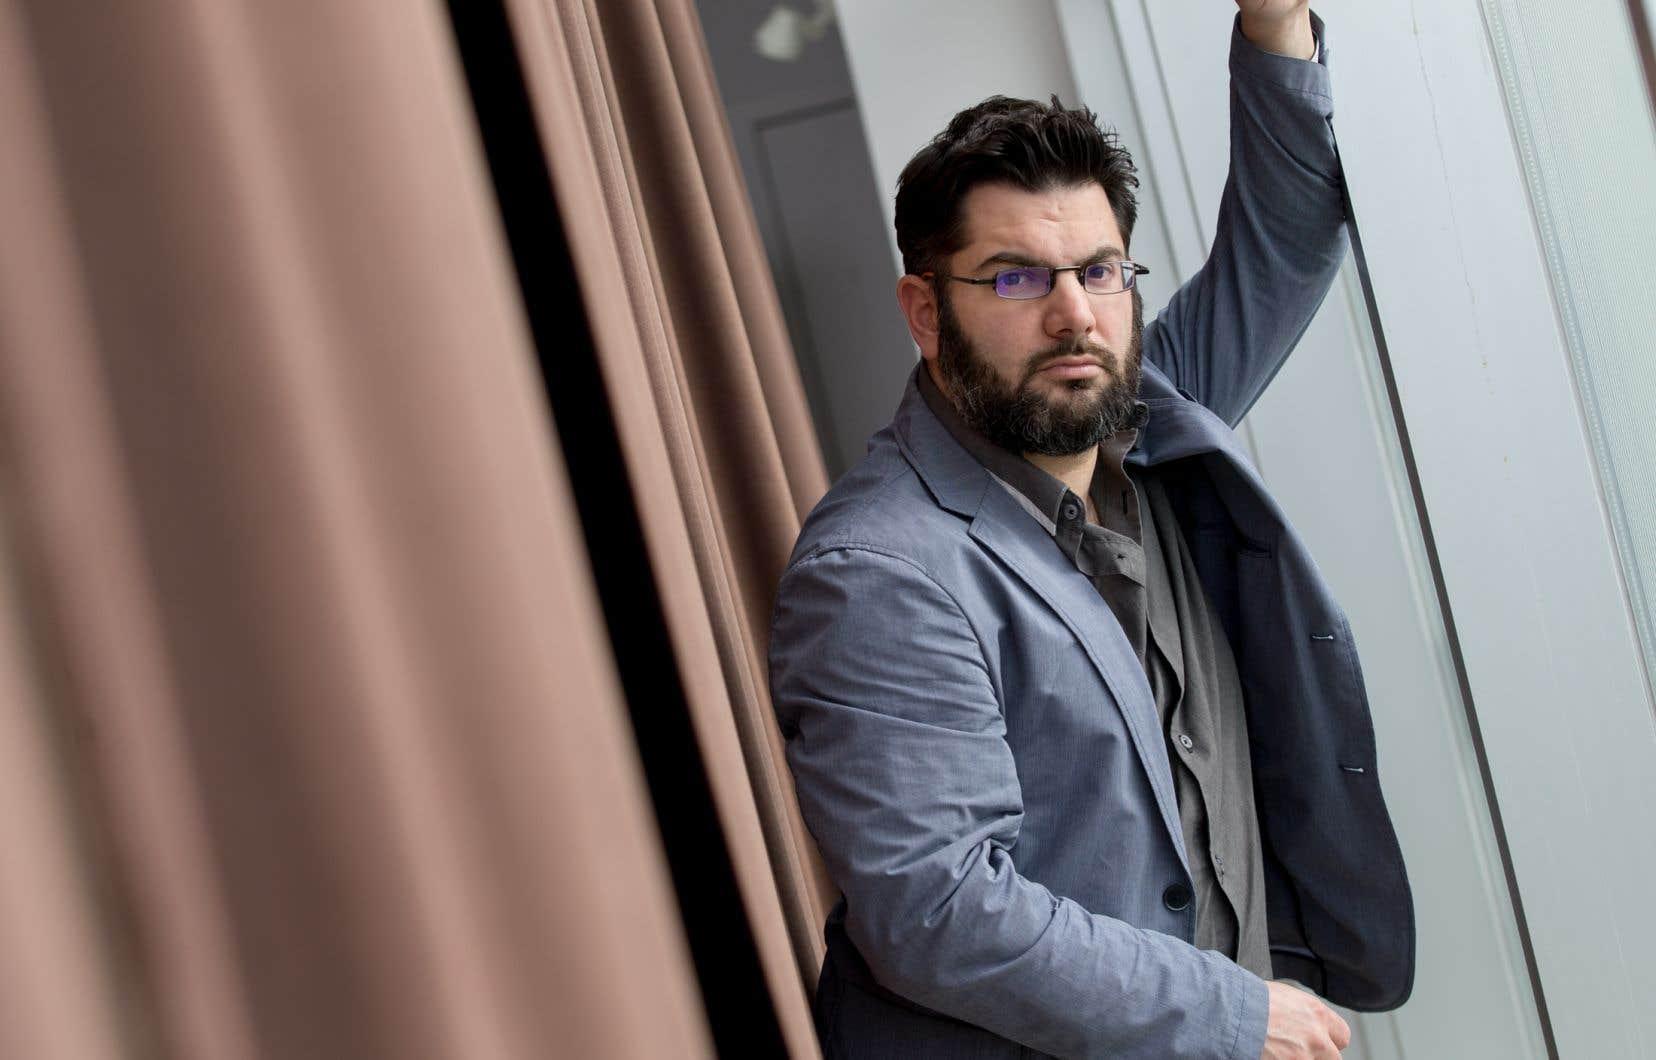 La missive est portée par le dramaturge et directeur artistique du Théâtre de Quat'Sous, Olivier Kemeid.